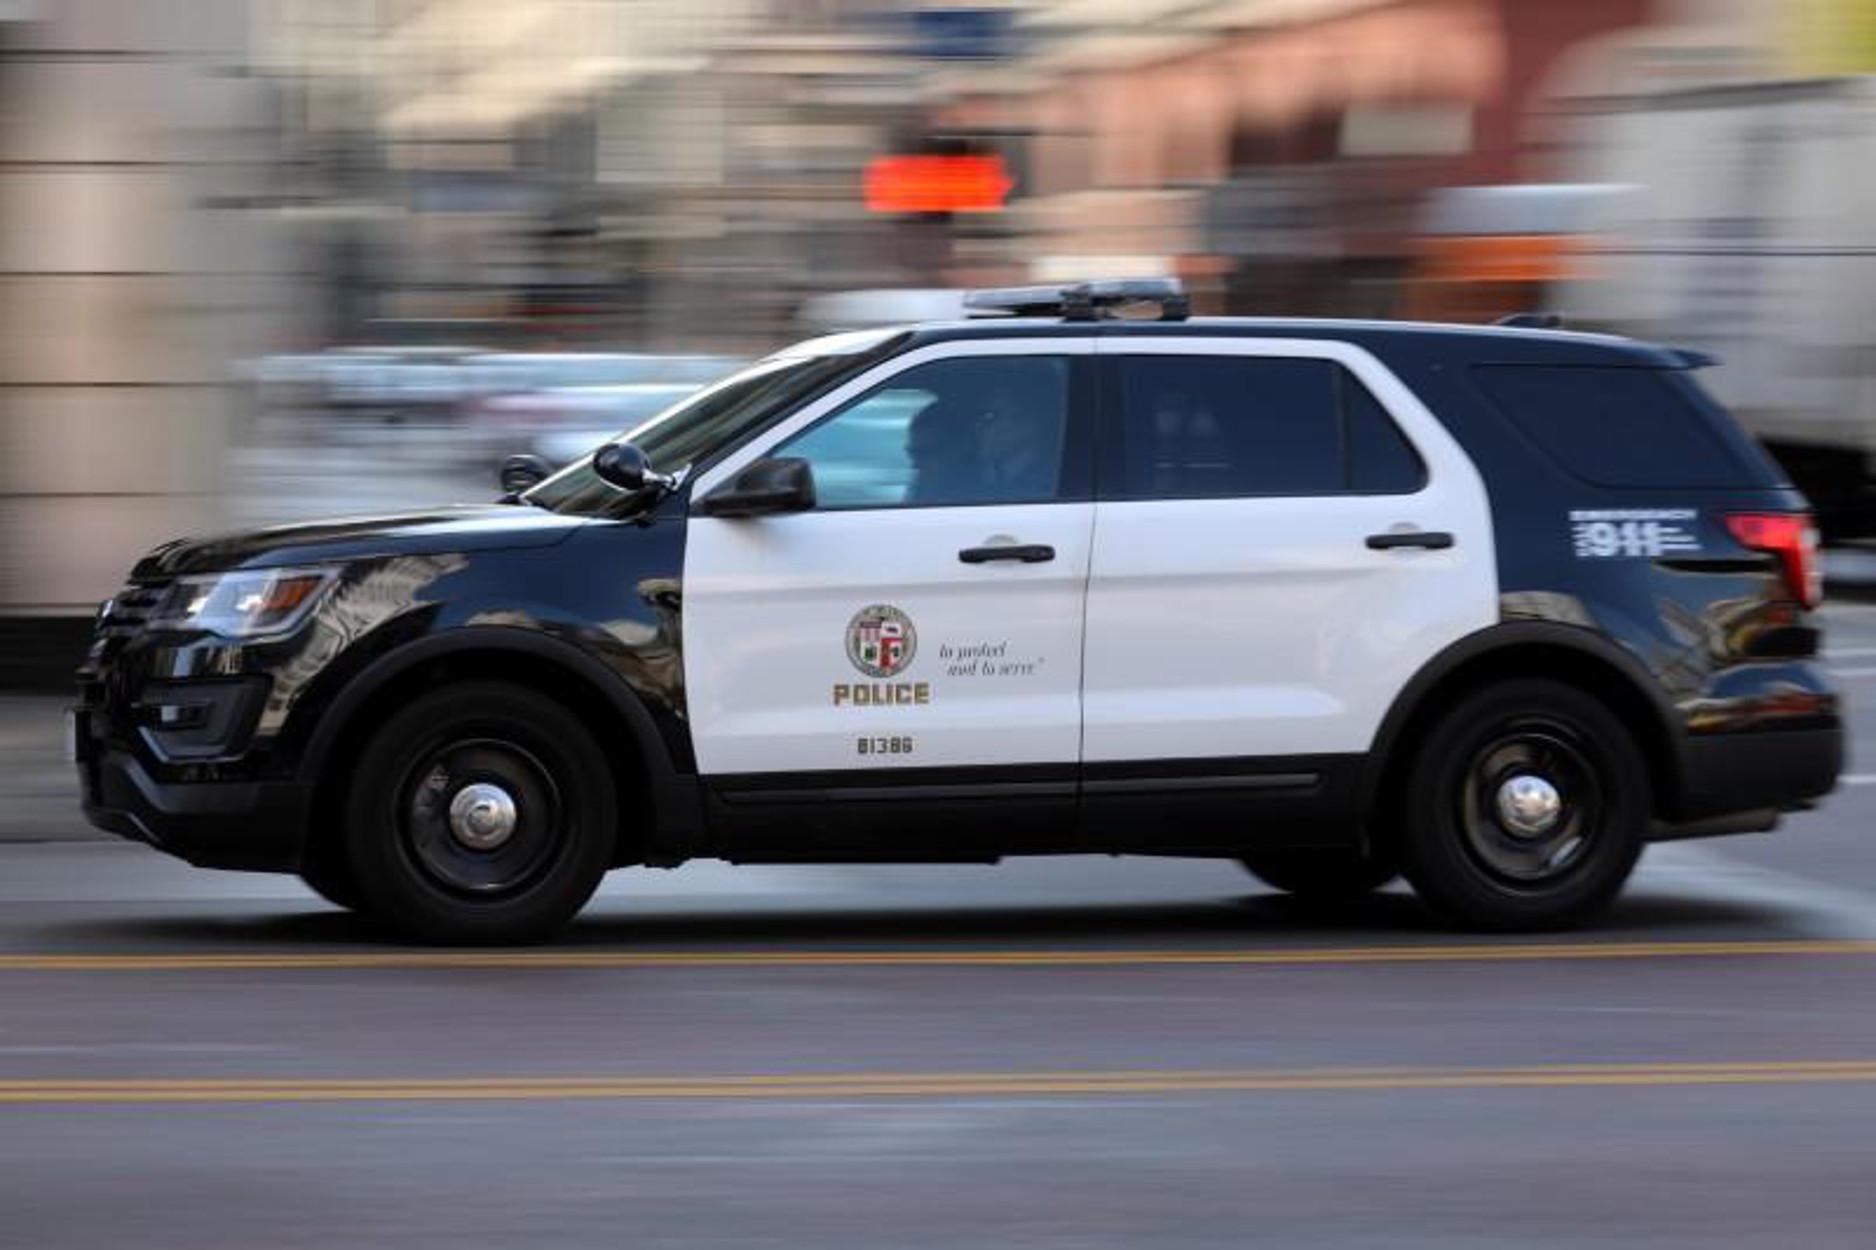 Λος Άντζελες: 150 εκατ. δολάρια λιγότερα για την αστυνομία! Μειώνονται και οι αστυνομικοί